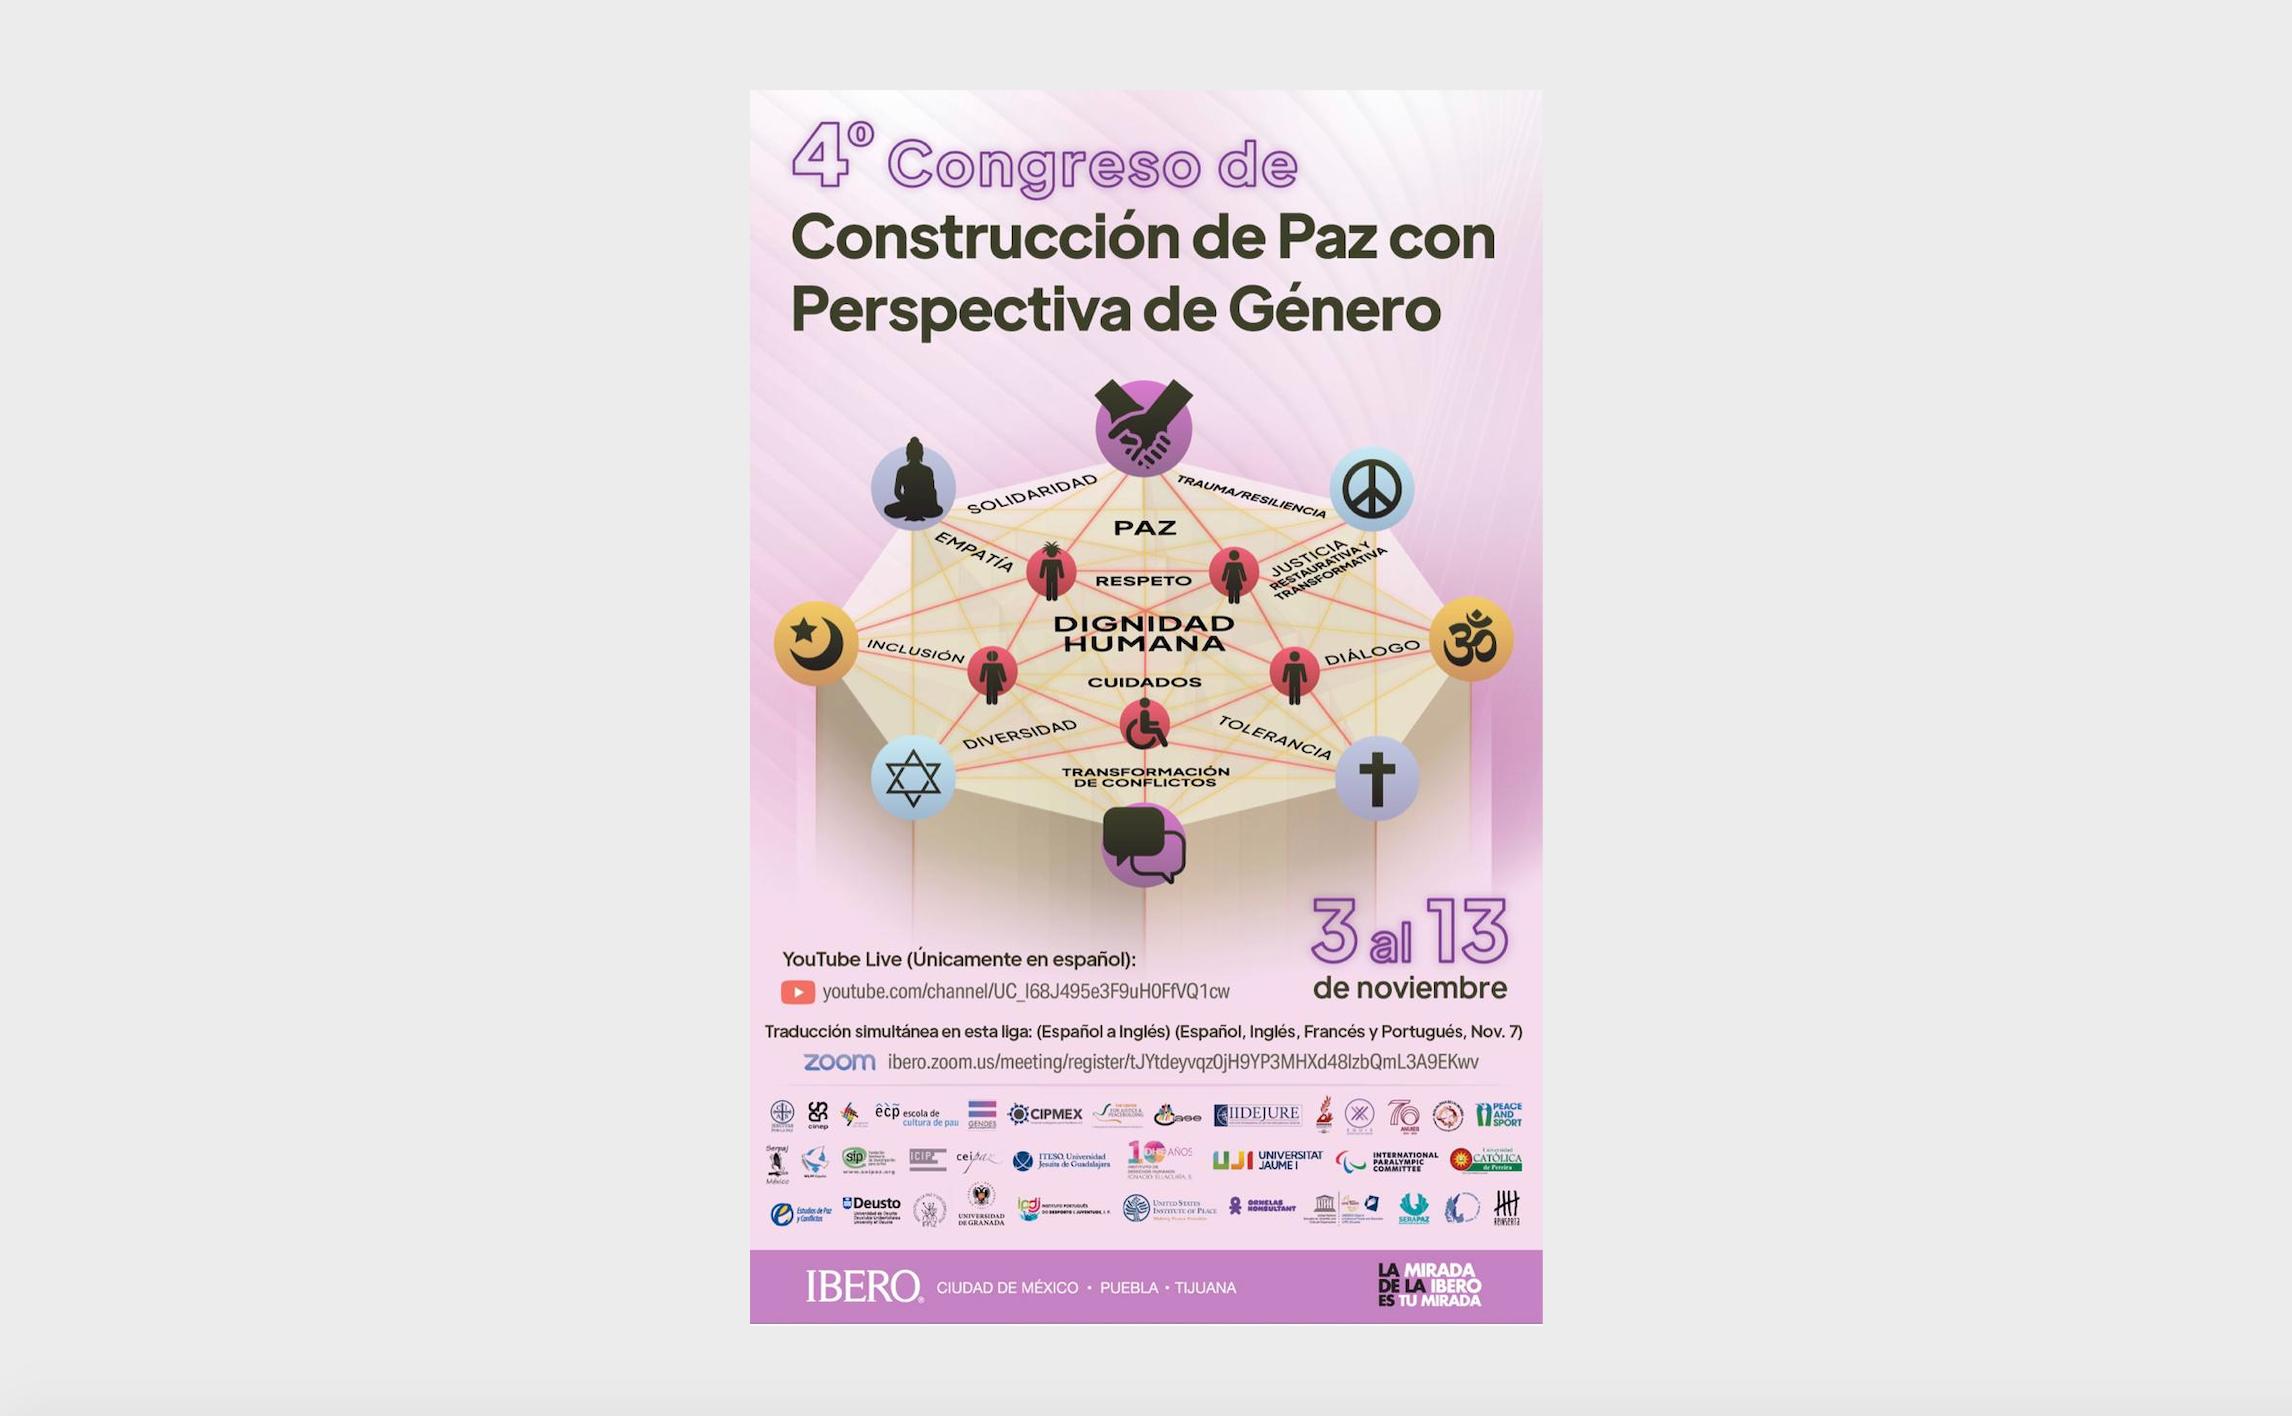 CIPMEX Participó en el «4º Congreso de Construcción de Paz con Perspectiva de Género»